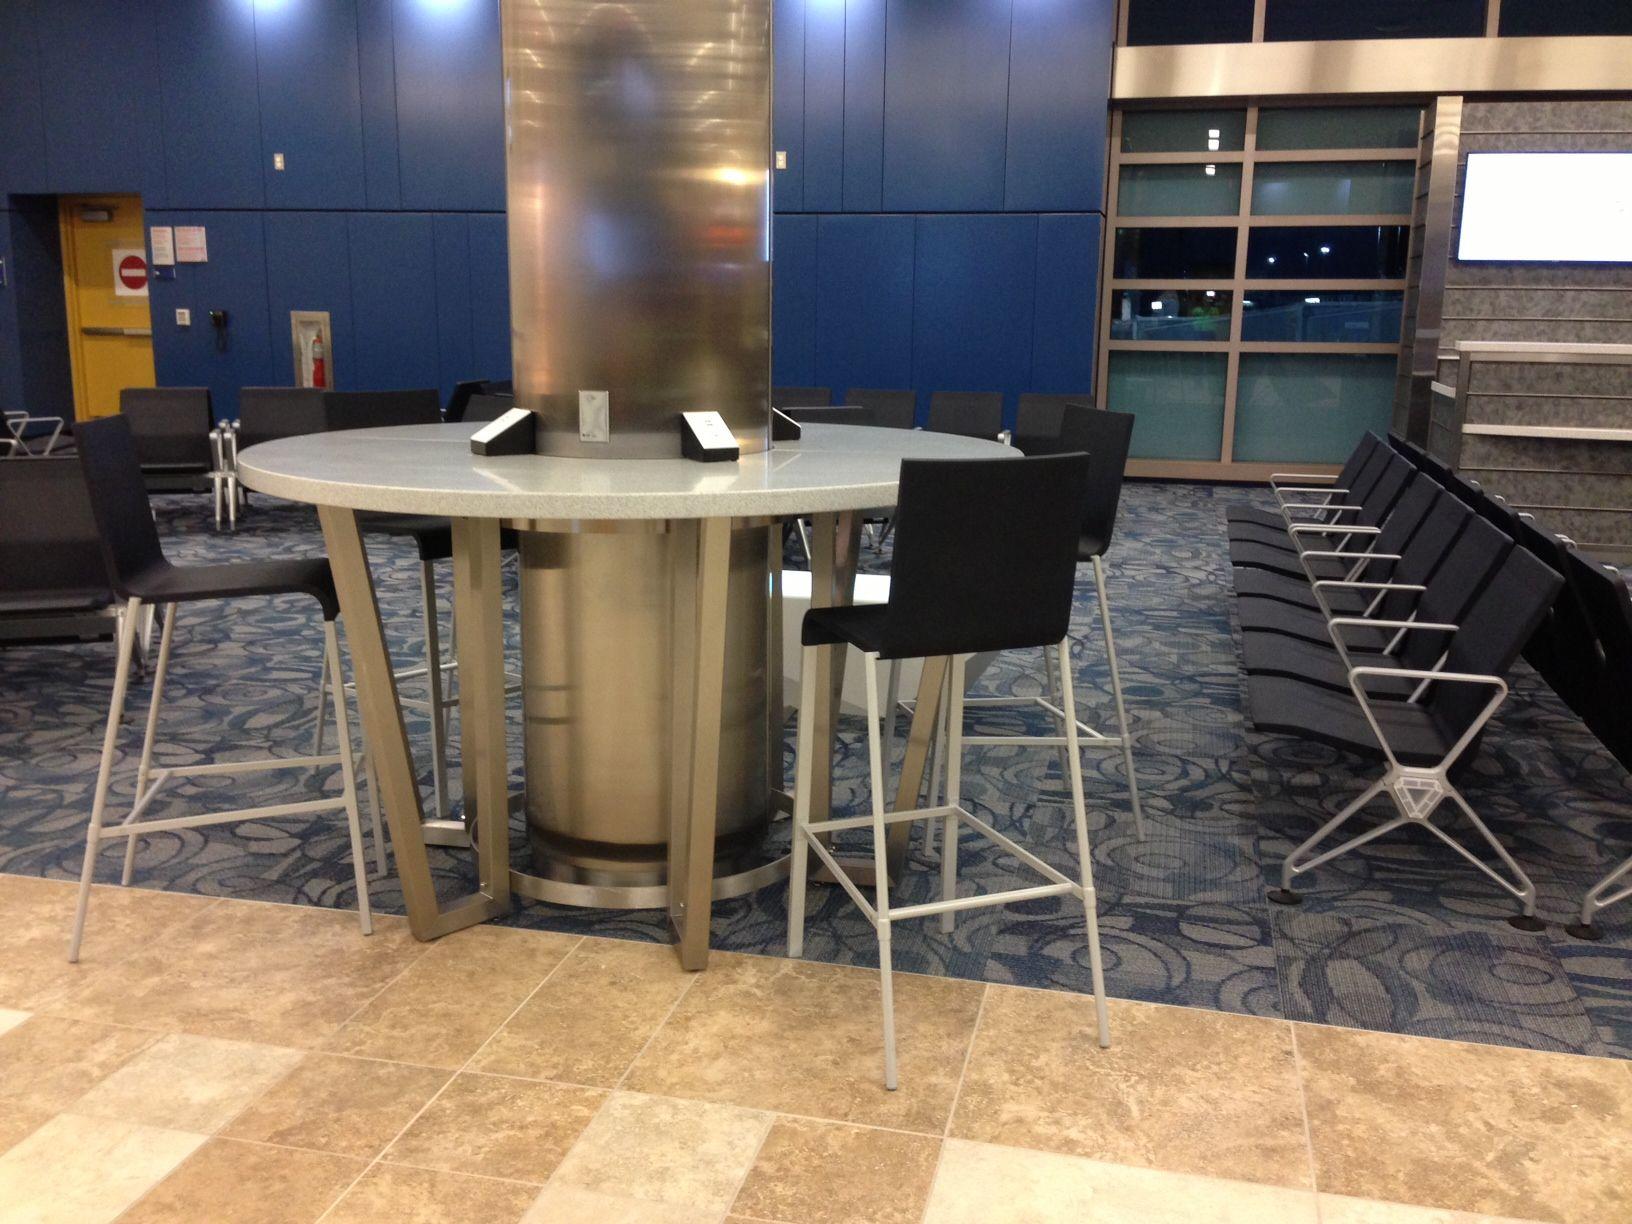 myrtle beach airport- seating around column - herald office